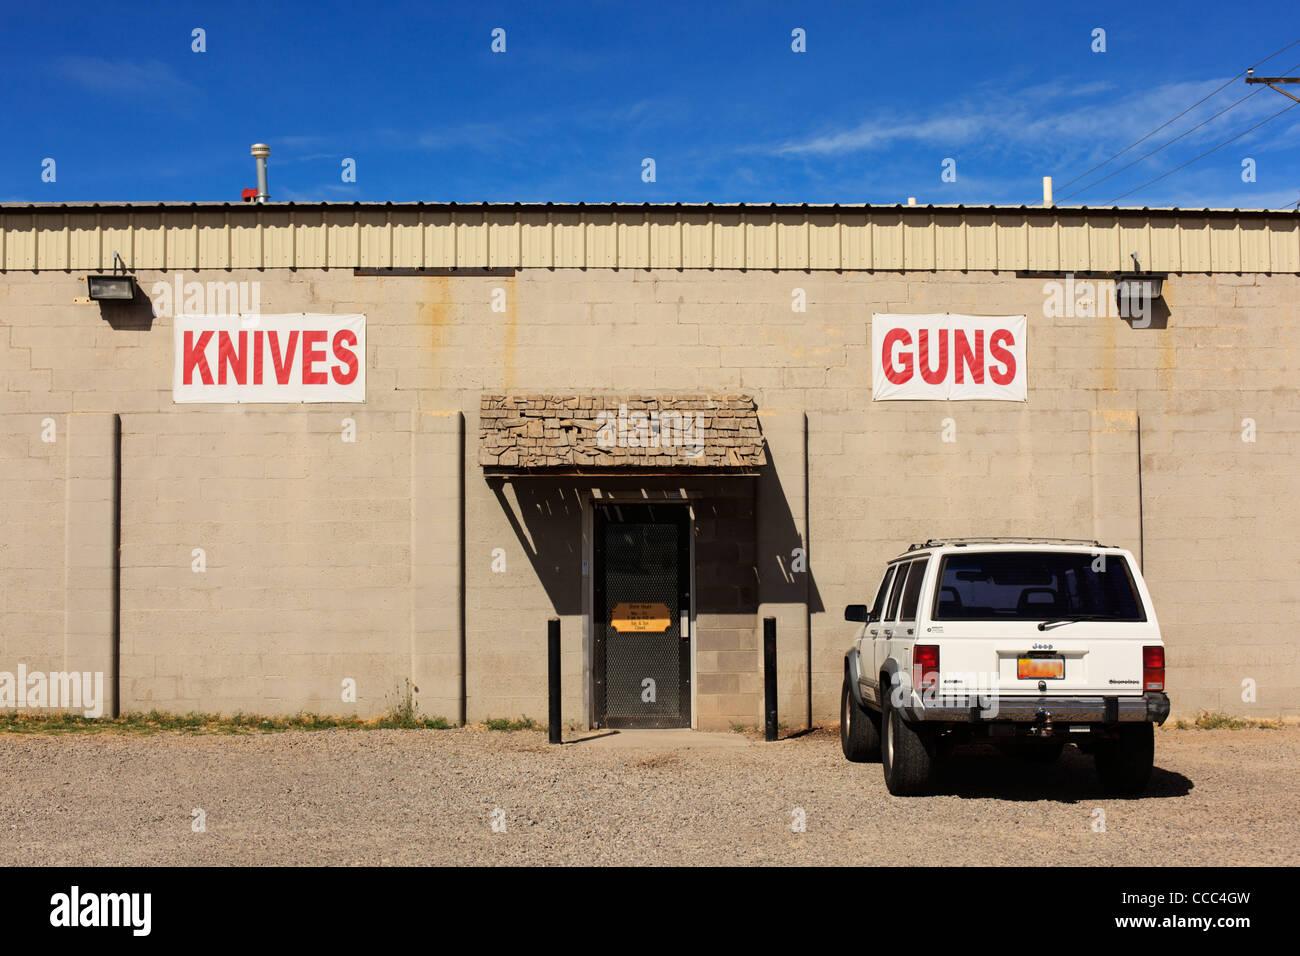 Loja de venda de facas e pistolas, New Mexico, EUA (licença de veículo obscurecido). Imagens de Stock